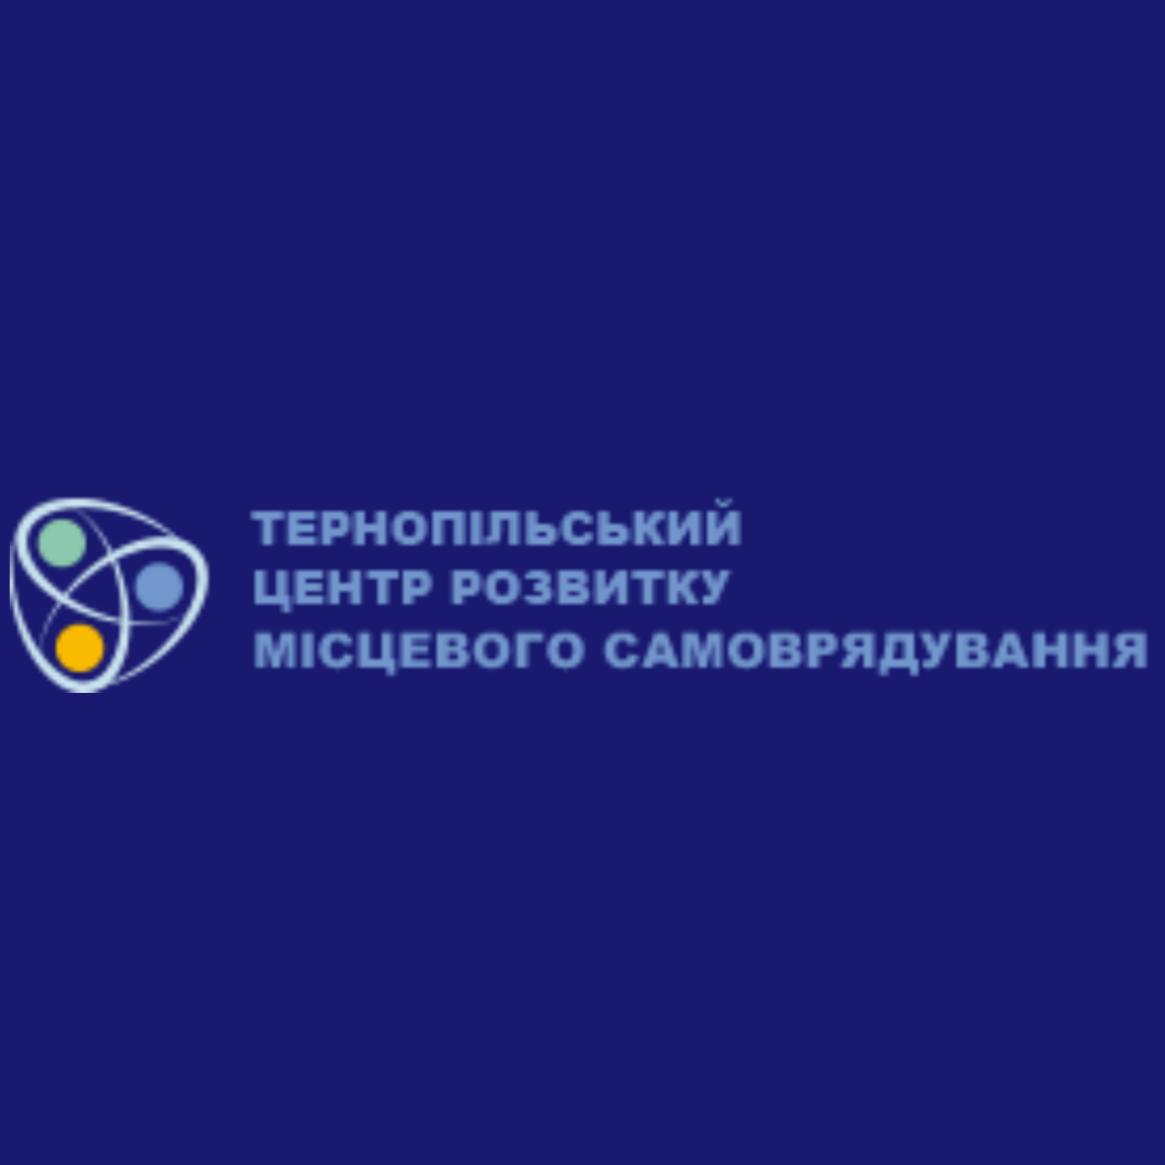 Вишнівецька ОТГ в числі переможців нового проекту від Світового банку